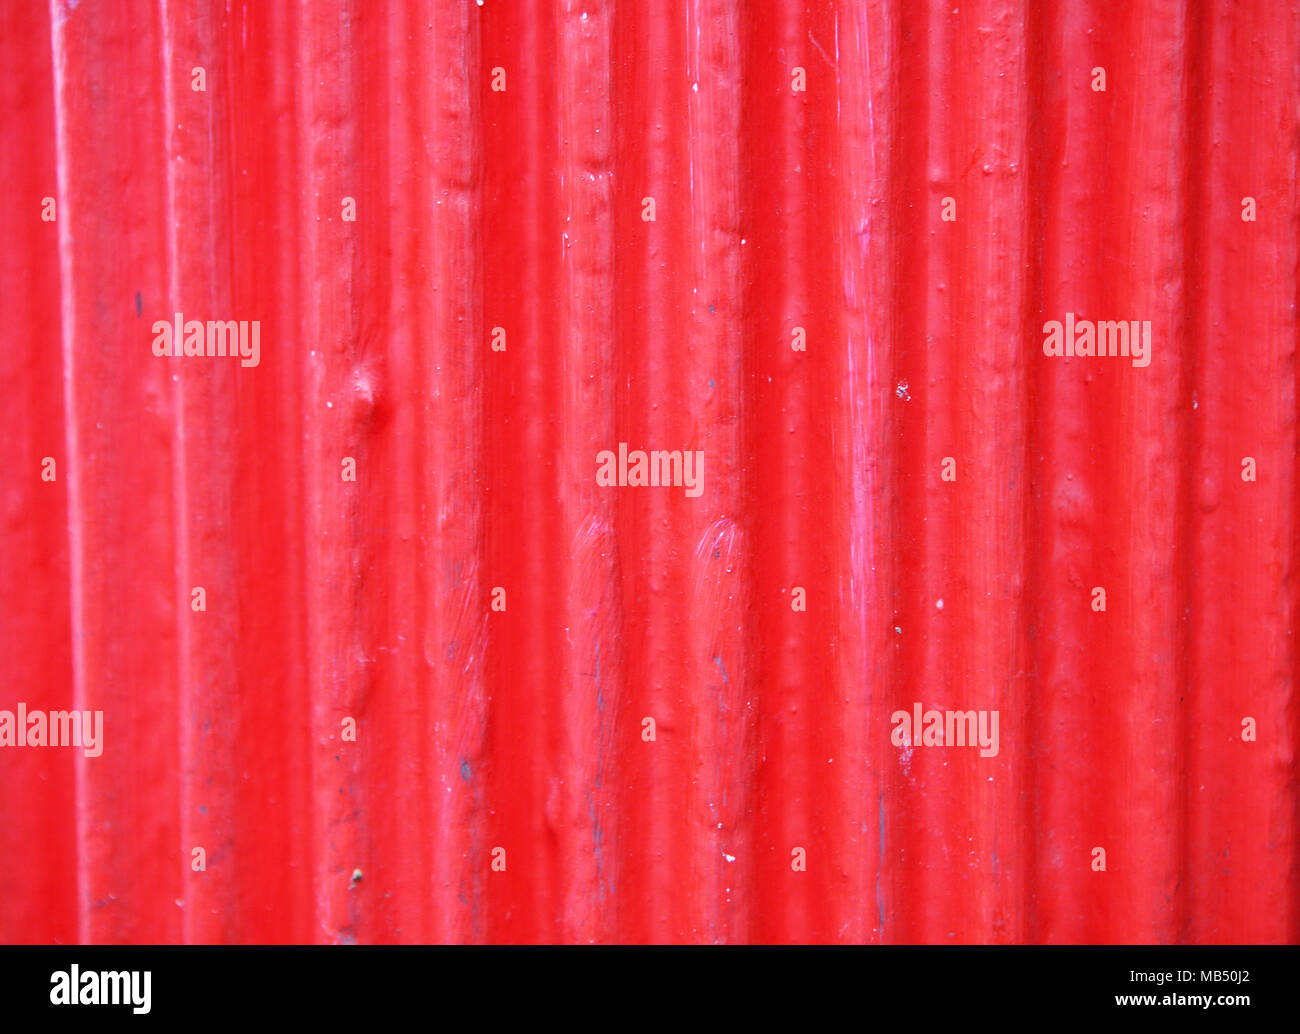 Red Corrugated Aluminium Sheet - Stock Image